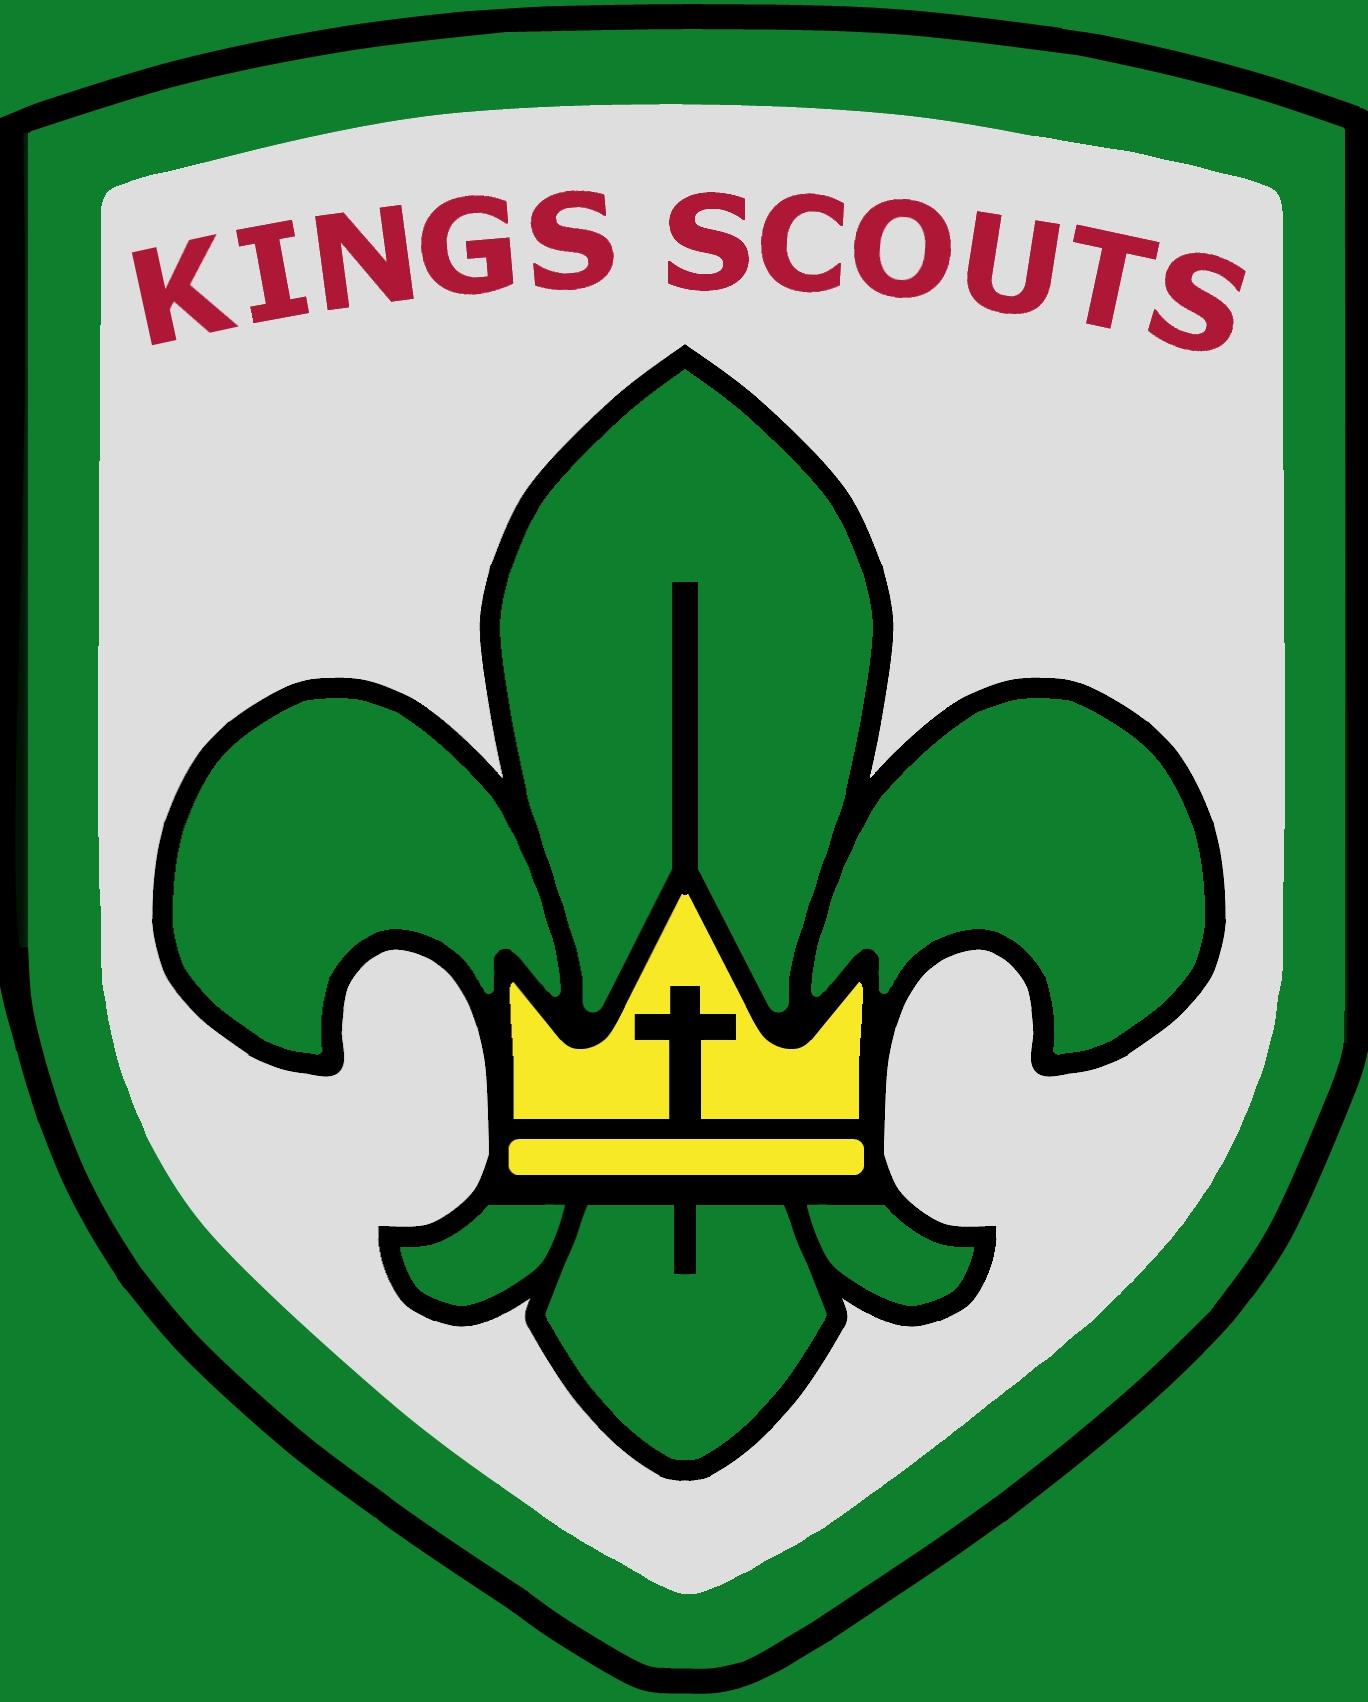 Vorgestellt: Verband christlicher Pfadfinder Kings Scouts in Deutschland